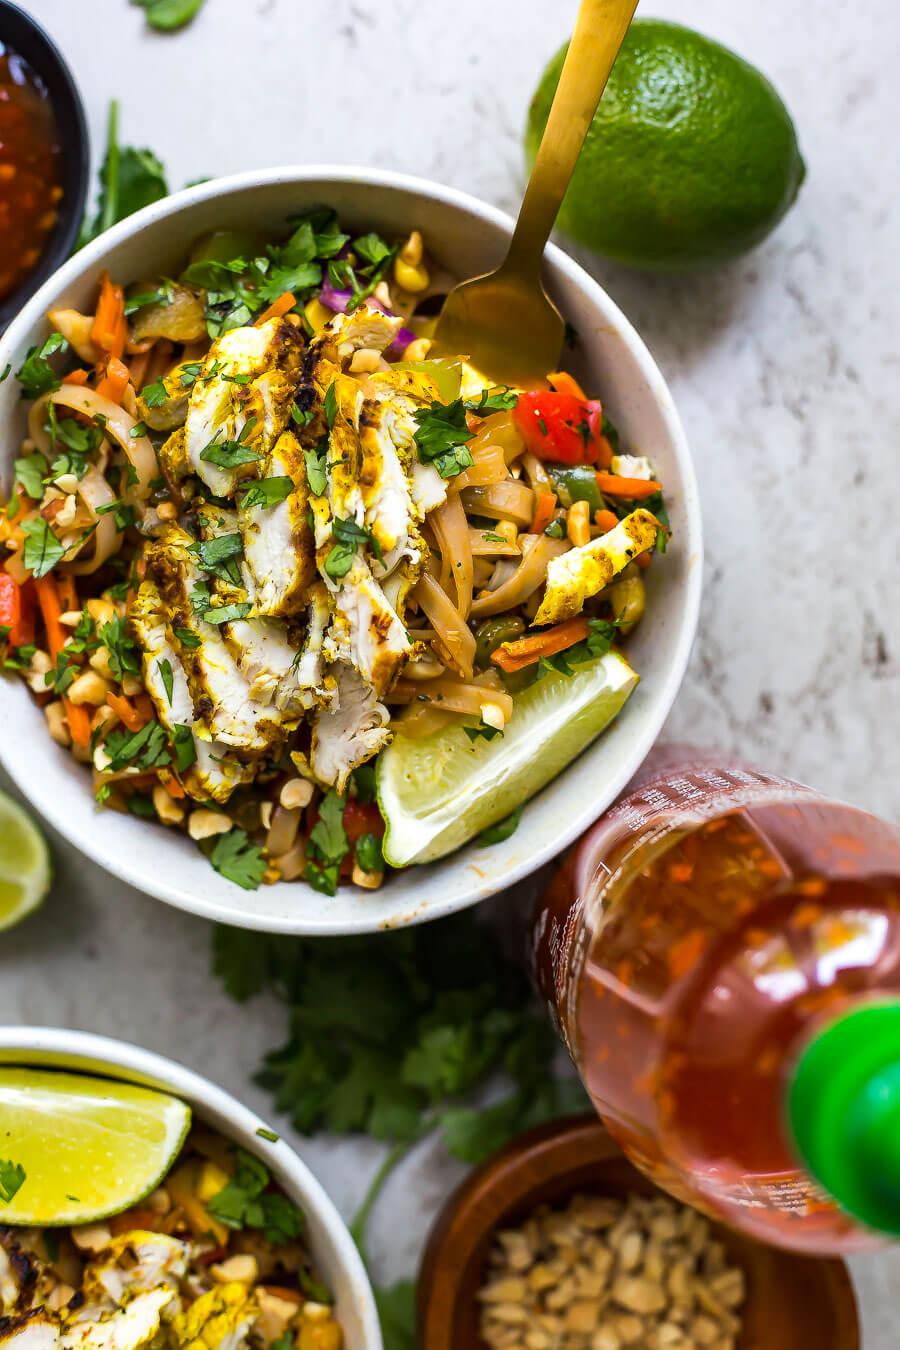 Lemongrass-Chicken-Noodle-Bowls-1.jpg